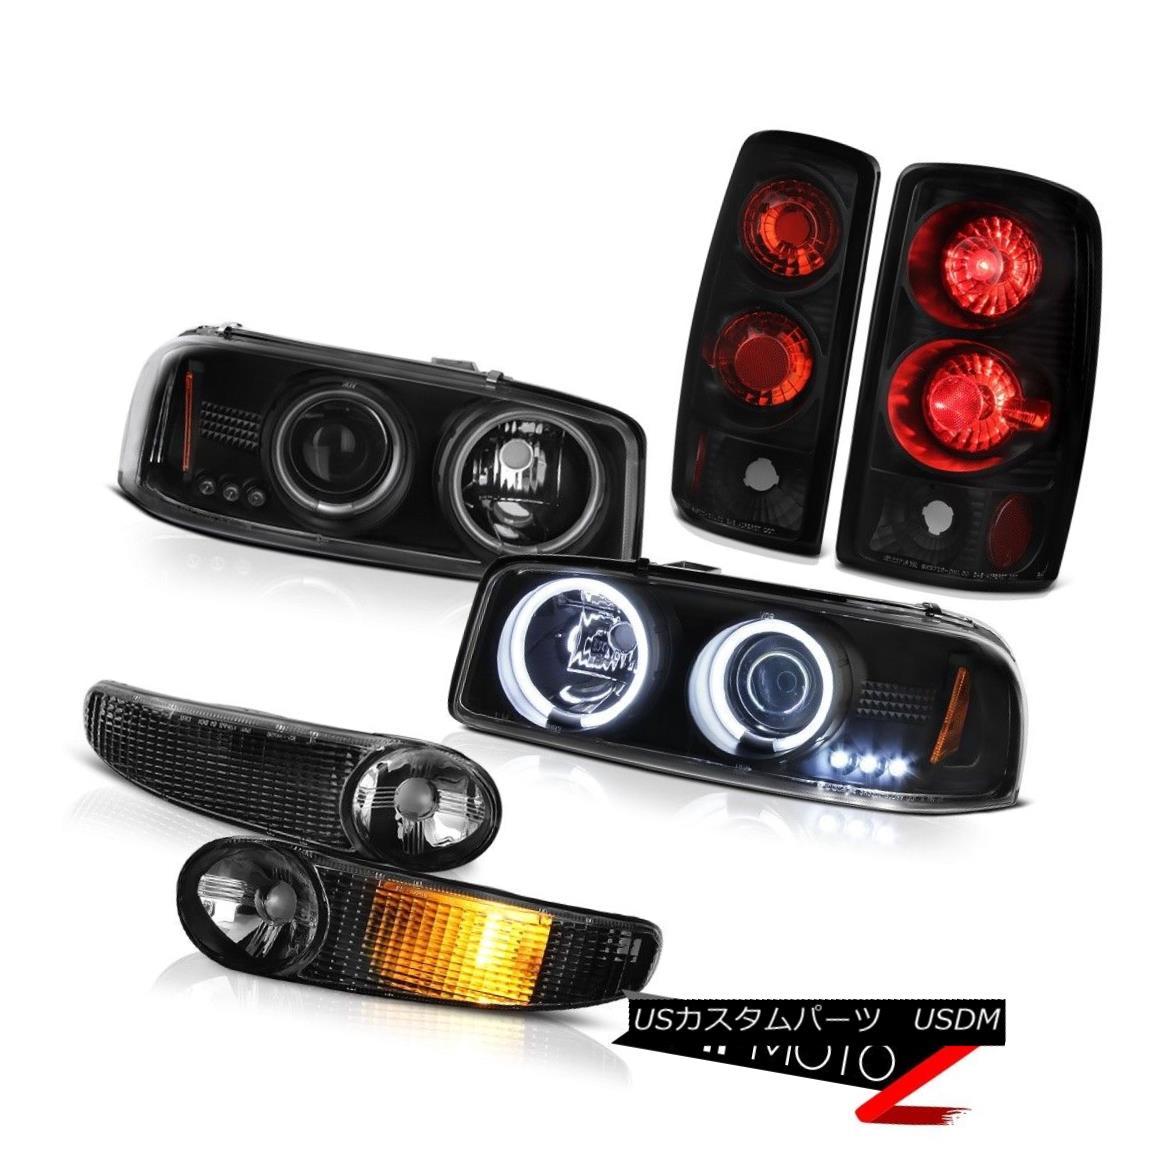 ヘッドライト Matte Signal Tail Light 00 01 02 03 04 05 06 Yukon Denali CCFL Halo Headlamp Set マットシグナルテールライト00 01 02 03 04 05 06ユーコンデナリCCFL Haloヘッドランプセット